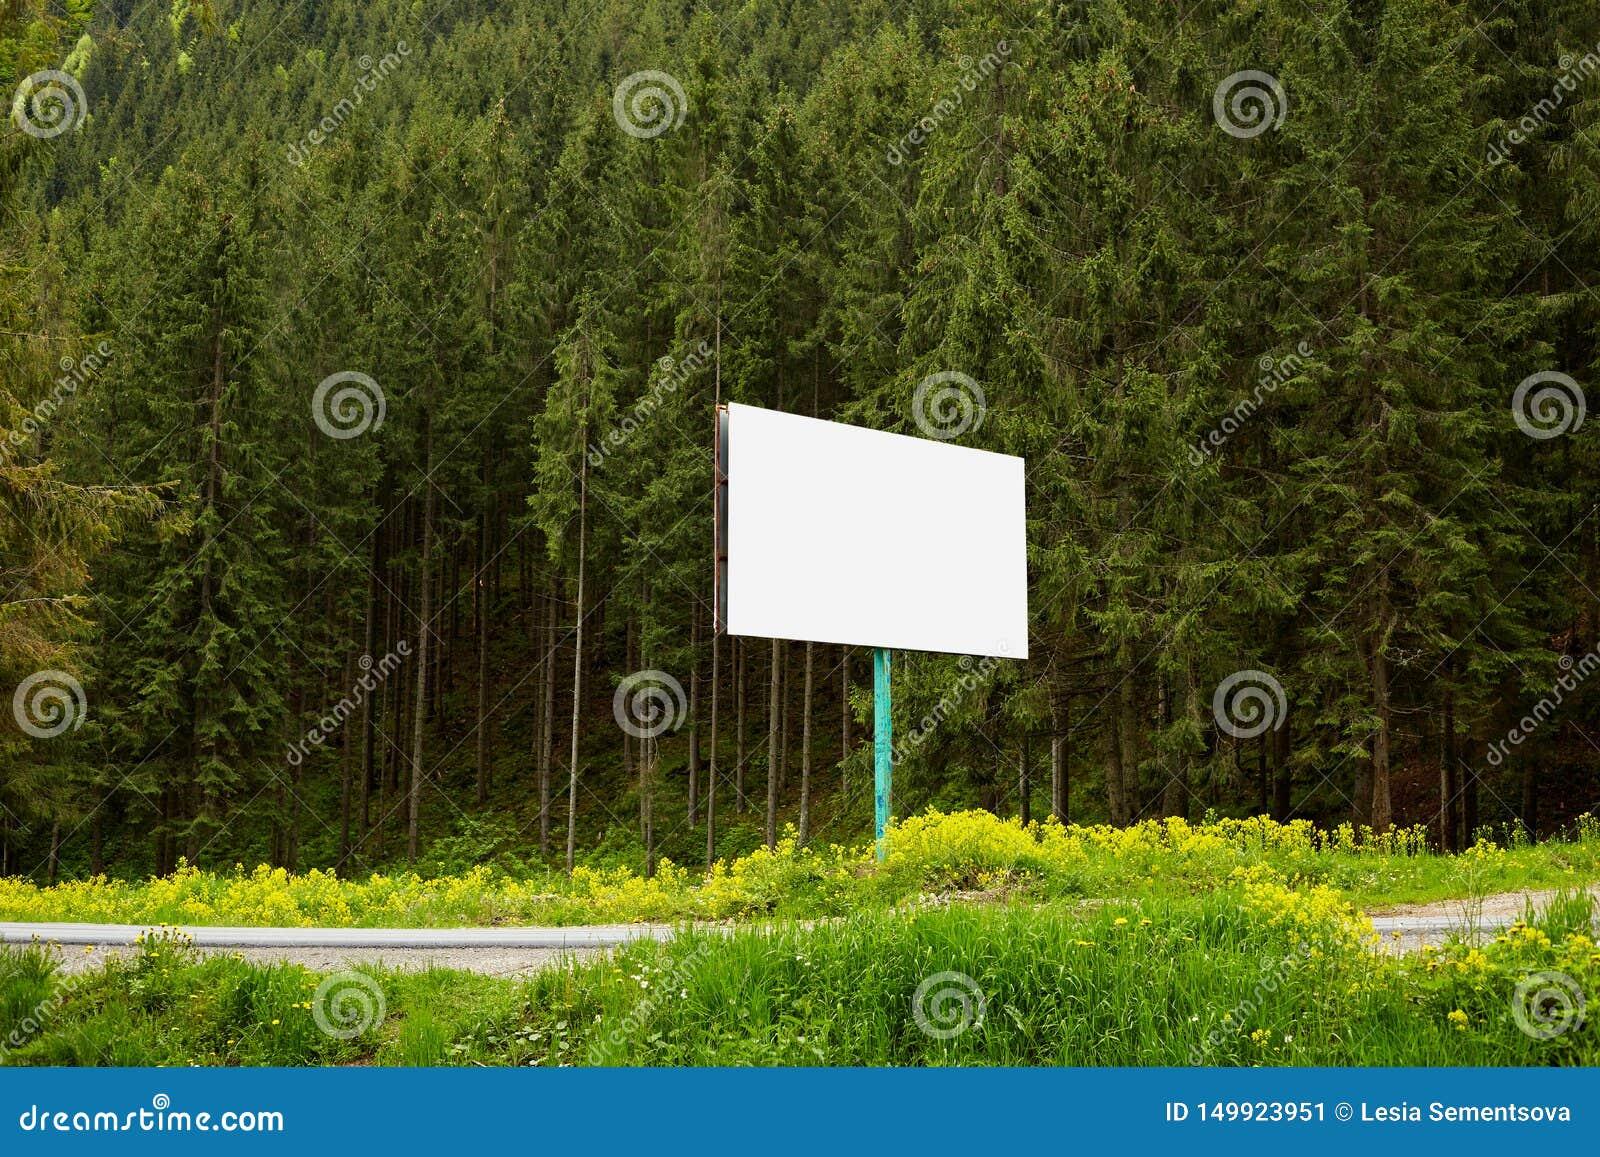 La imagen al aire libre de la cartelera enorme en blanco colocada en un camino lateral cerca de bosque, allí es muchos árboles de